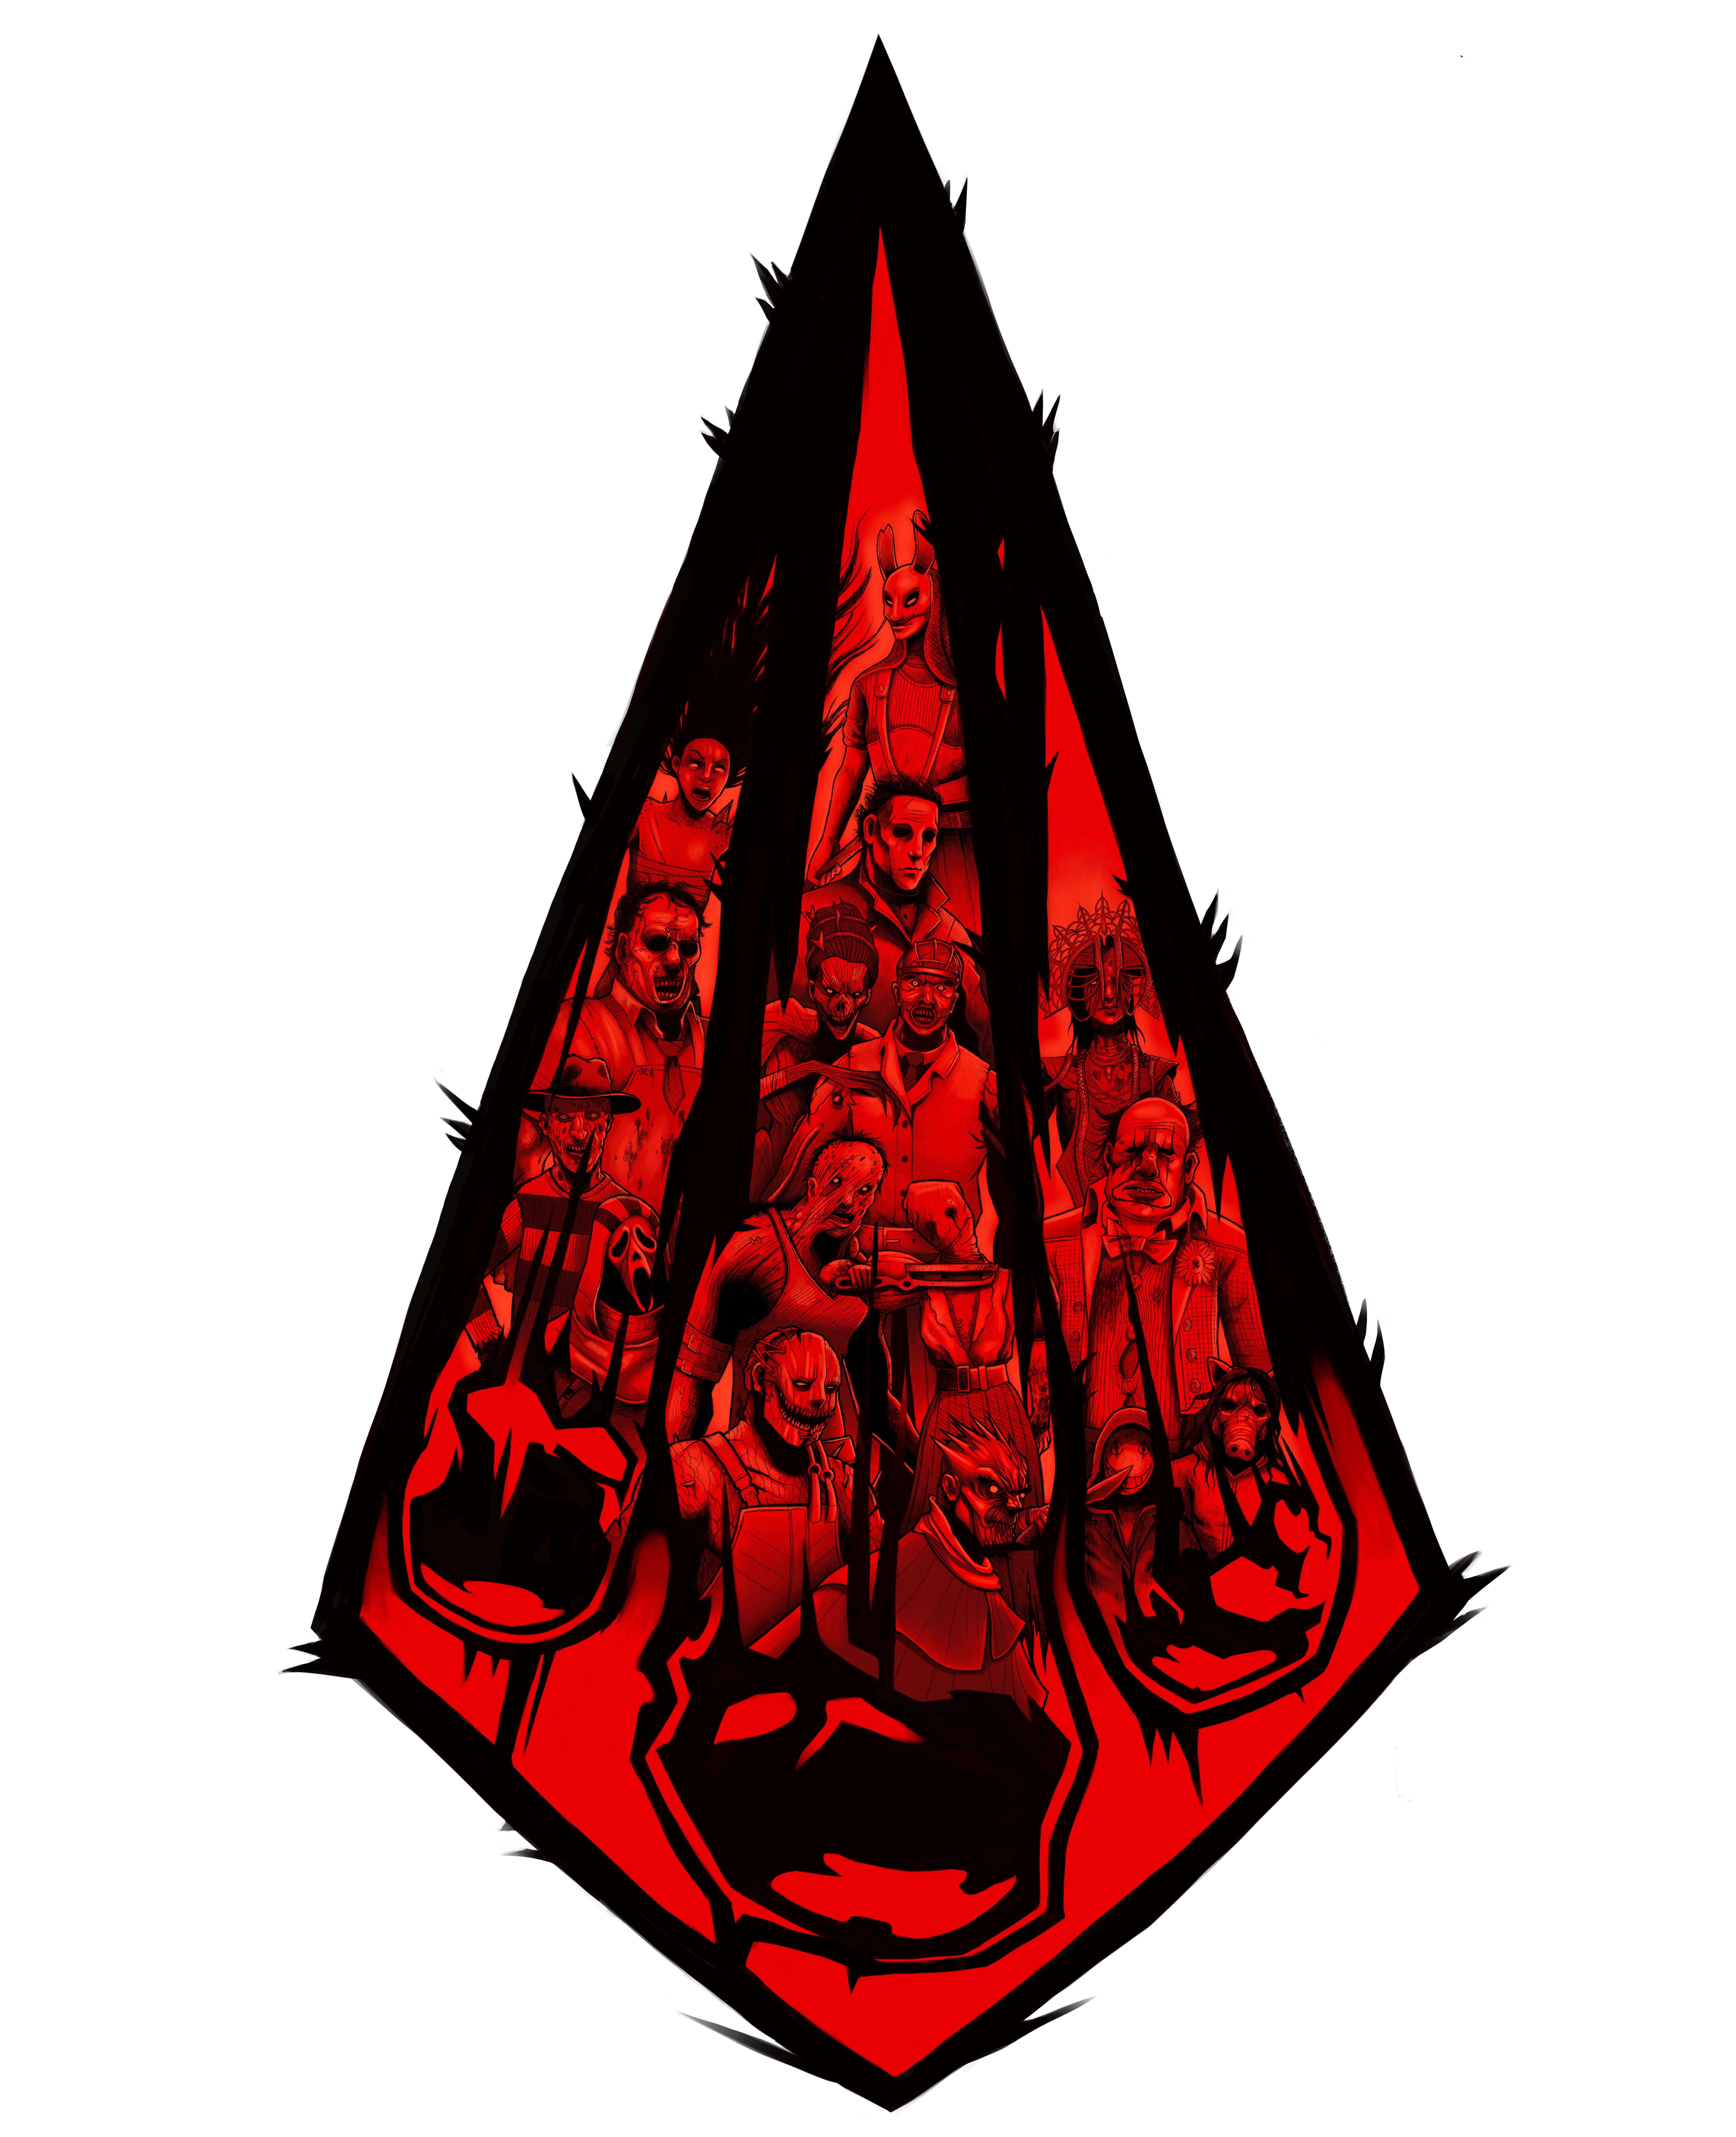 DBD 3 Year Anniversary Fan art by Fall3n — Dead By Daylight.